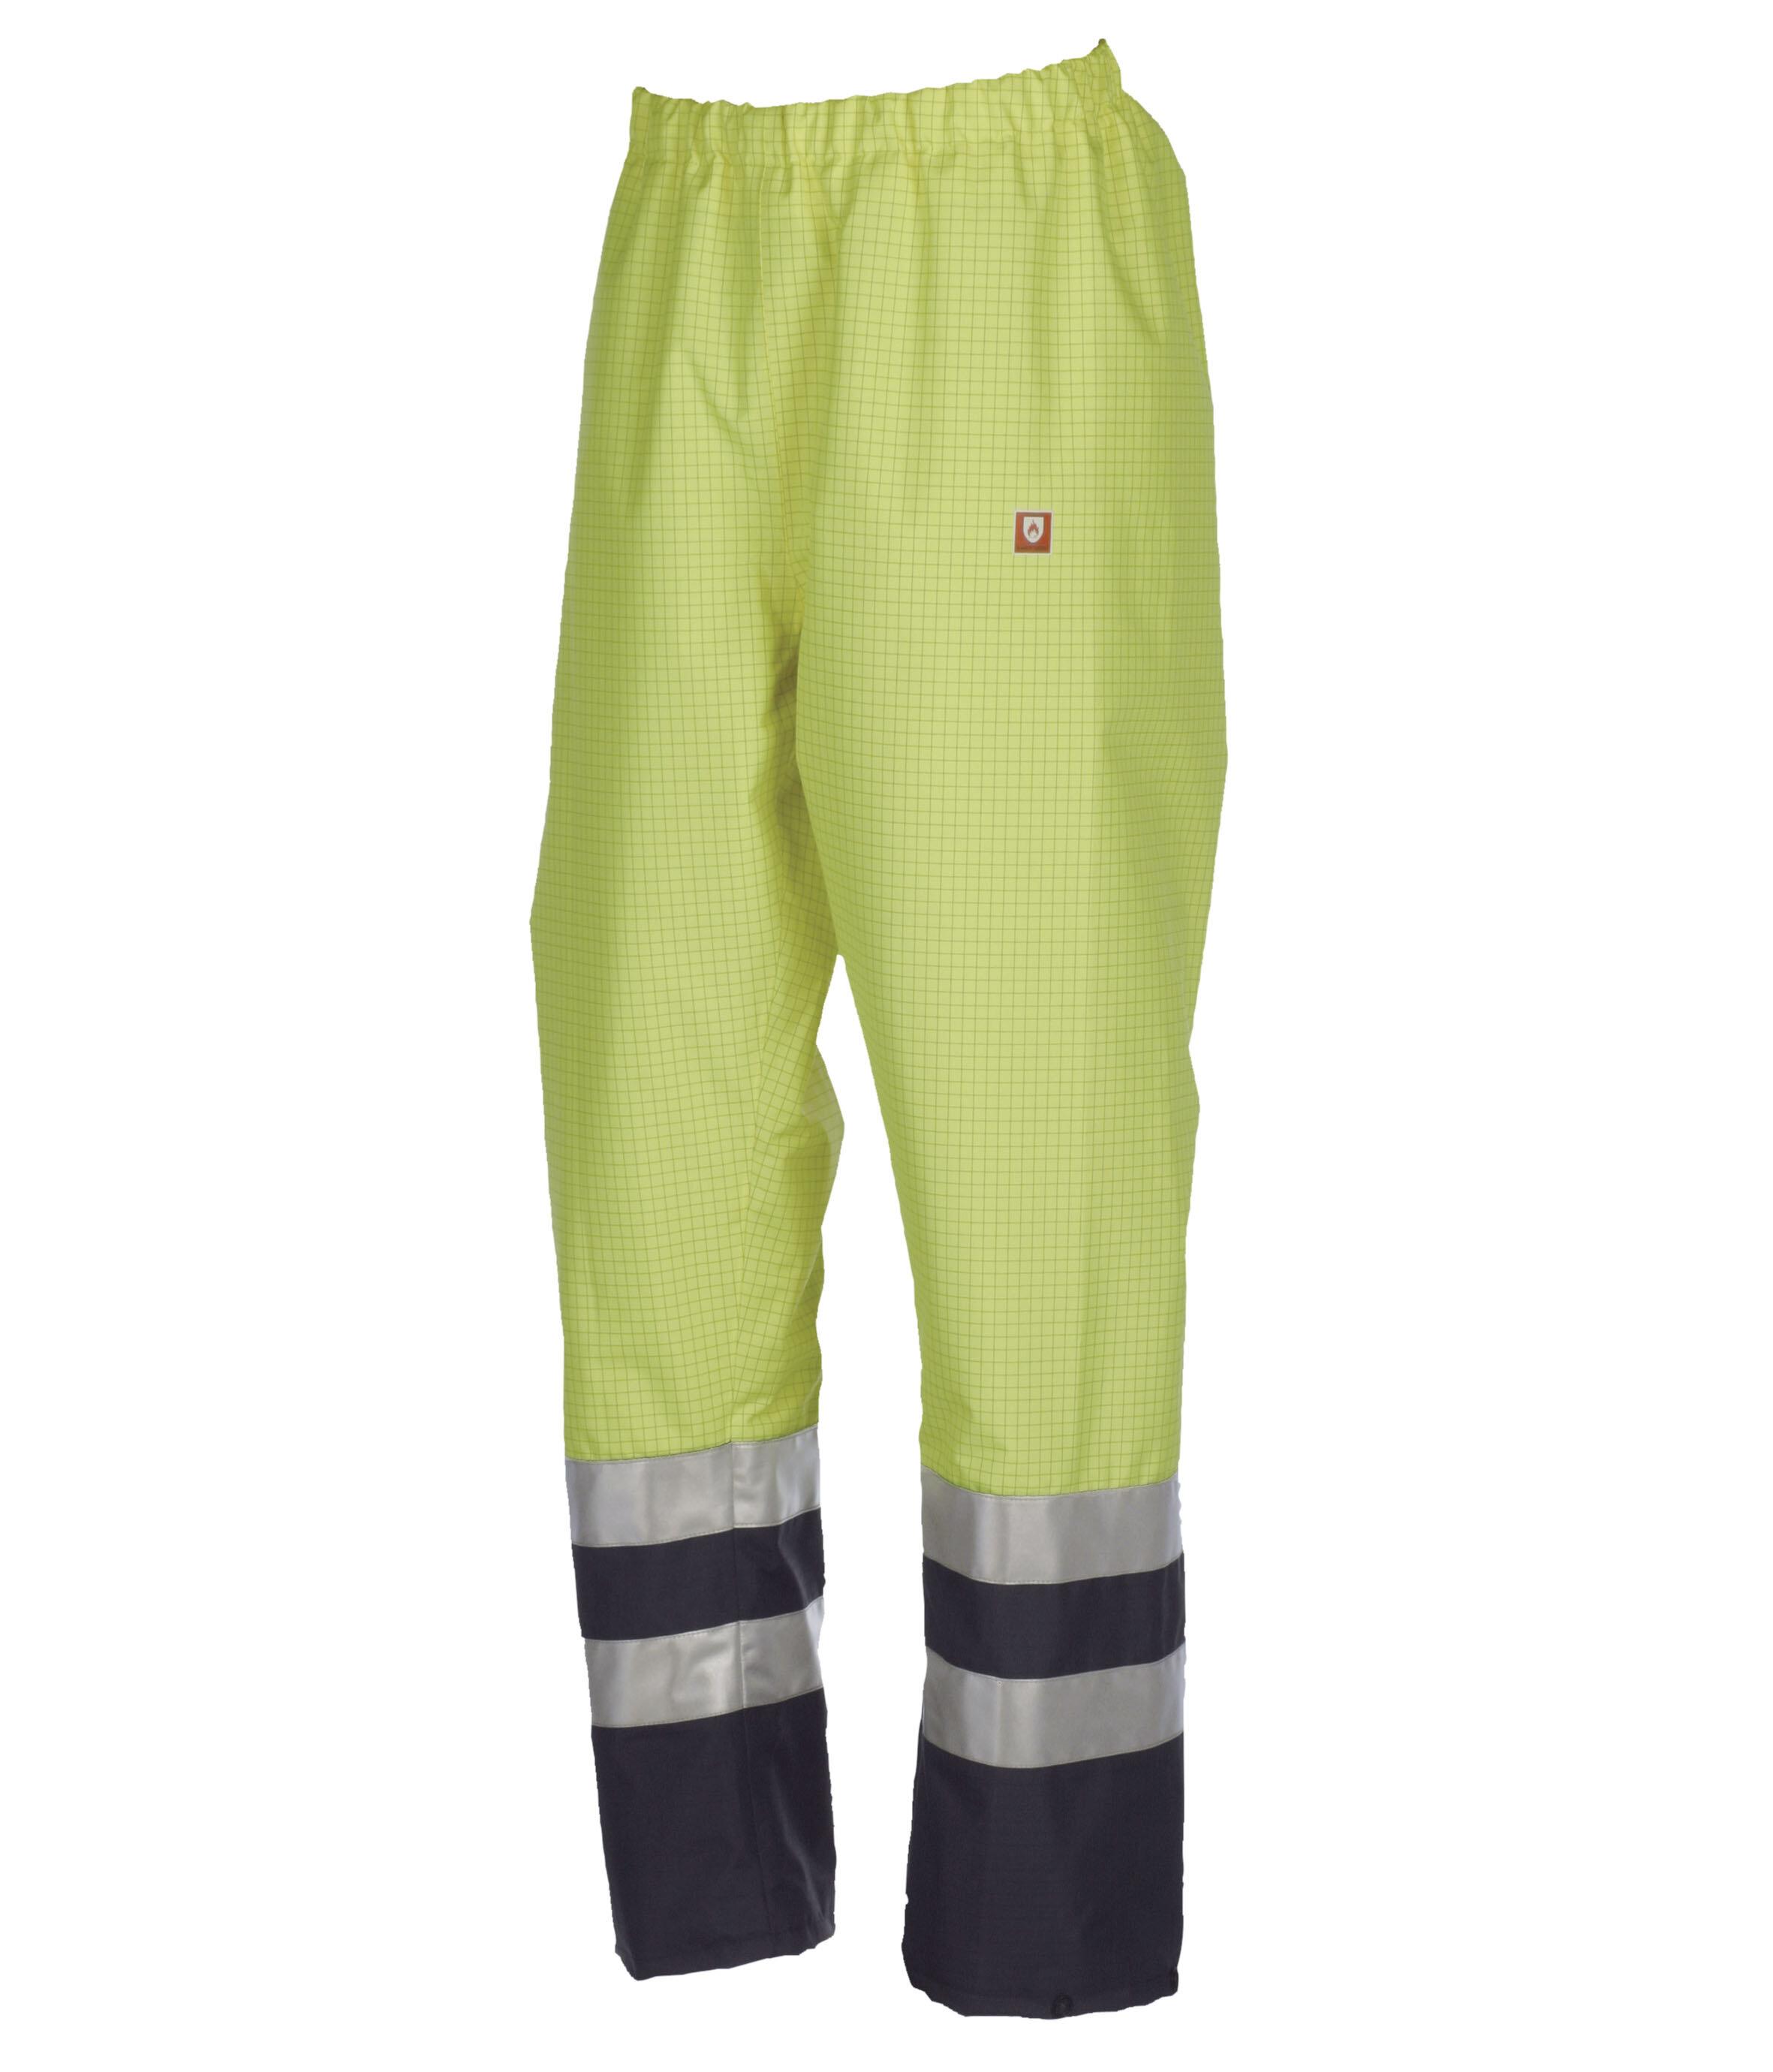 SIOEN 5874 FR AST Hi-Vis Trousers